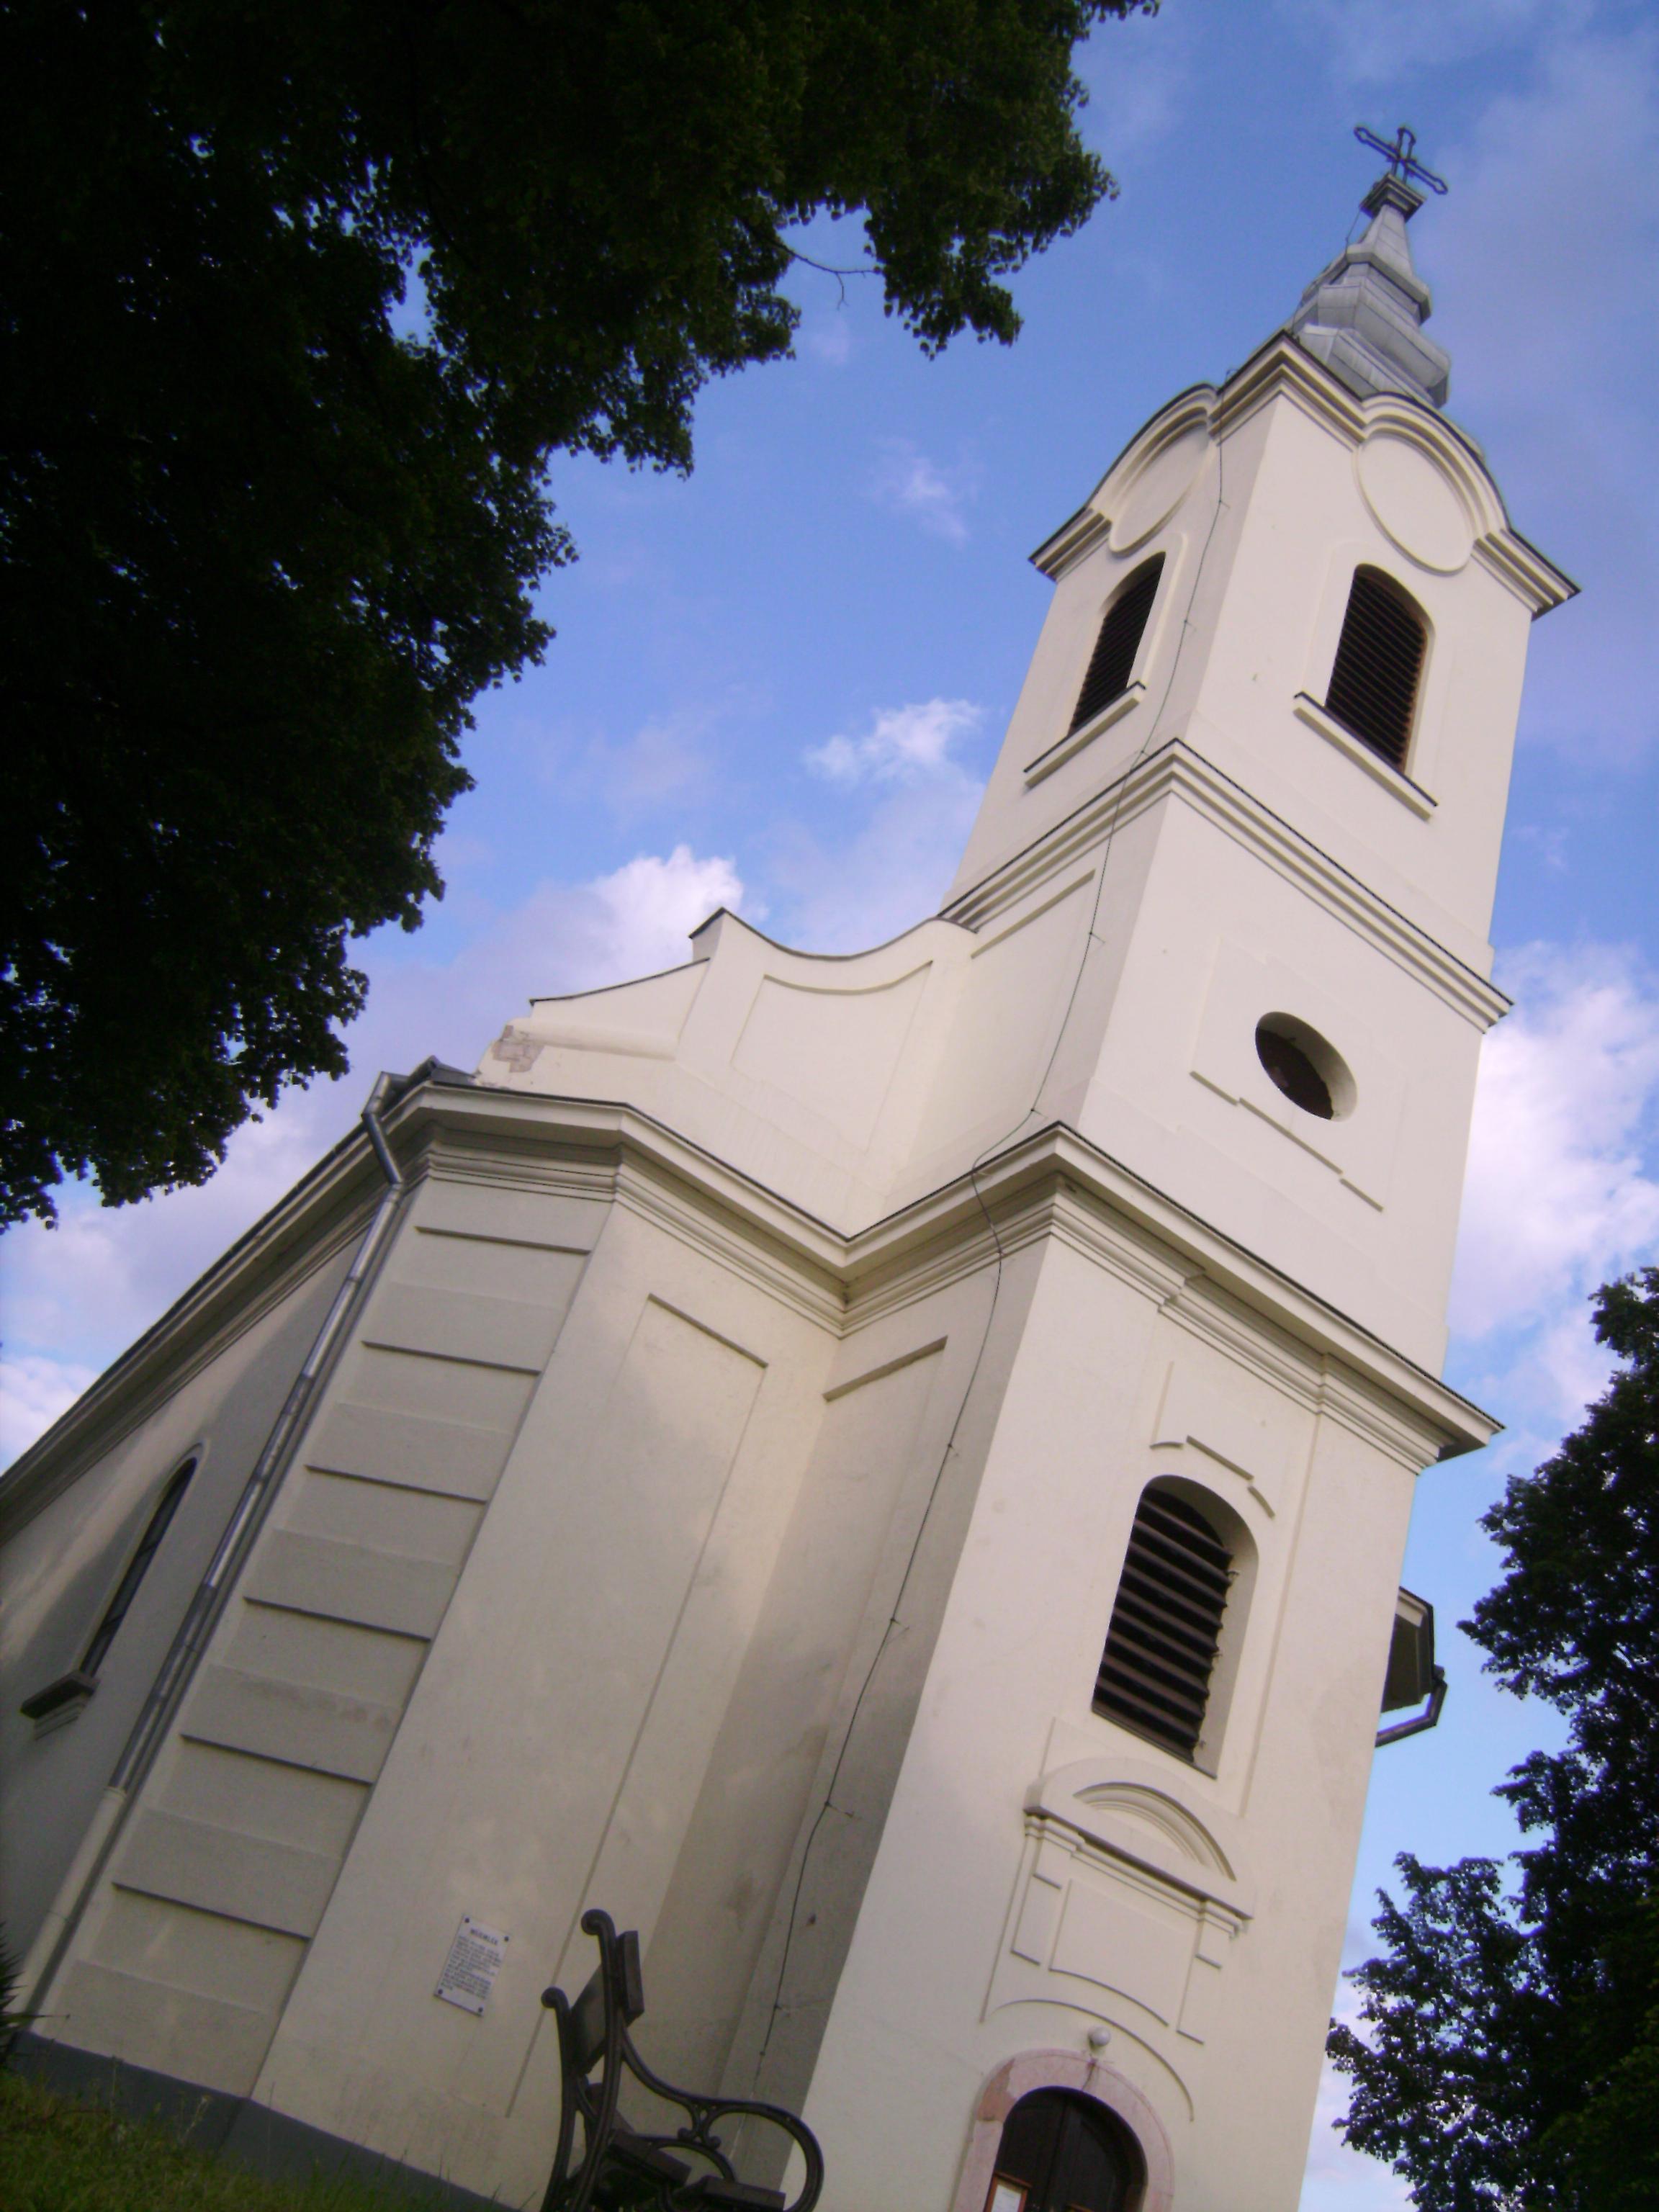 A Kisboldogasszony Plébániatemplomot 1789-1792 között a kor sztárépítészének,  Fellner Jakabnak a tervei szerint építették. A hívek nagy buzgalommal vettek részt az építési munkákban. A falu kegyura, gróf Eszterházy Ferenc kamat nélküli kölcsönnel járult az építkezéshez, melyet a szőlősiek híven törlesztettek. Az alapkőletételre 1790. augusztus 15-én került sor, melyet nagy lakomával ünnepeltek a helyiek. <br />